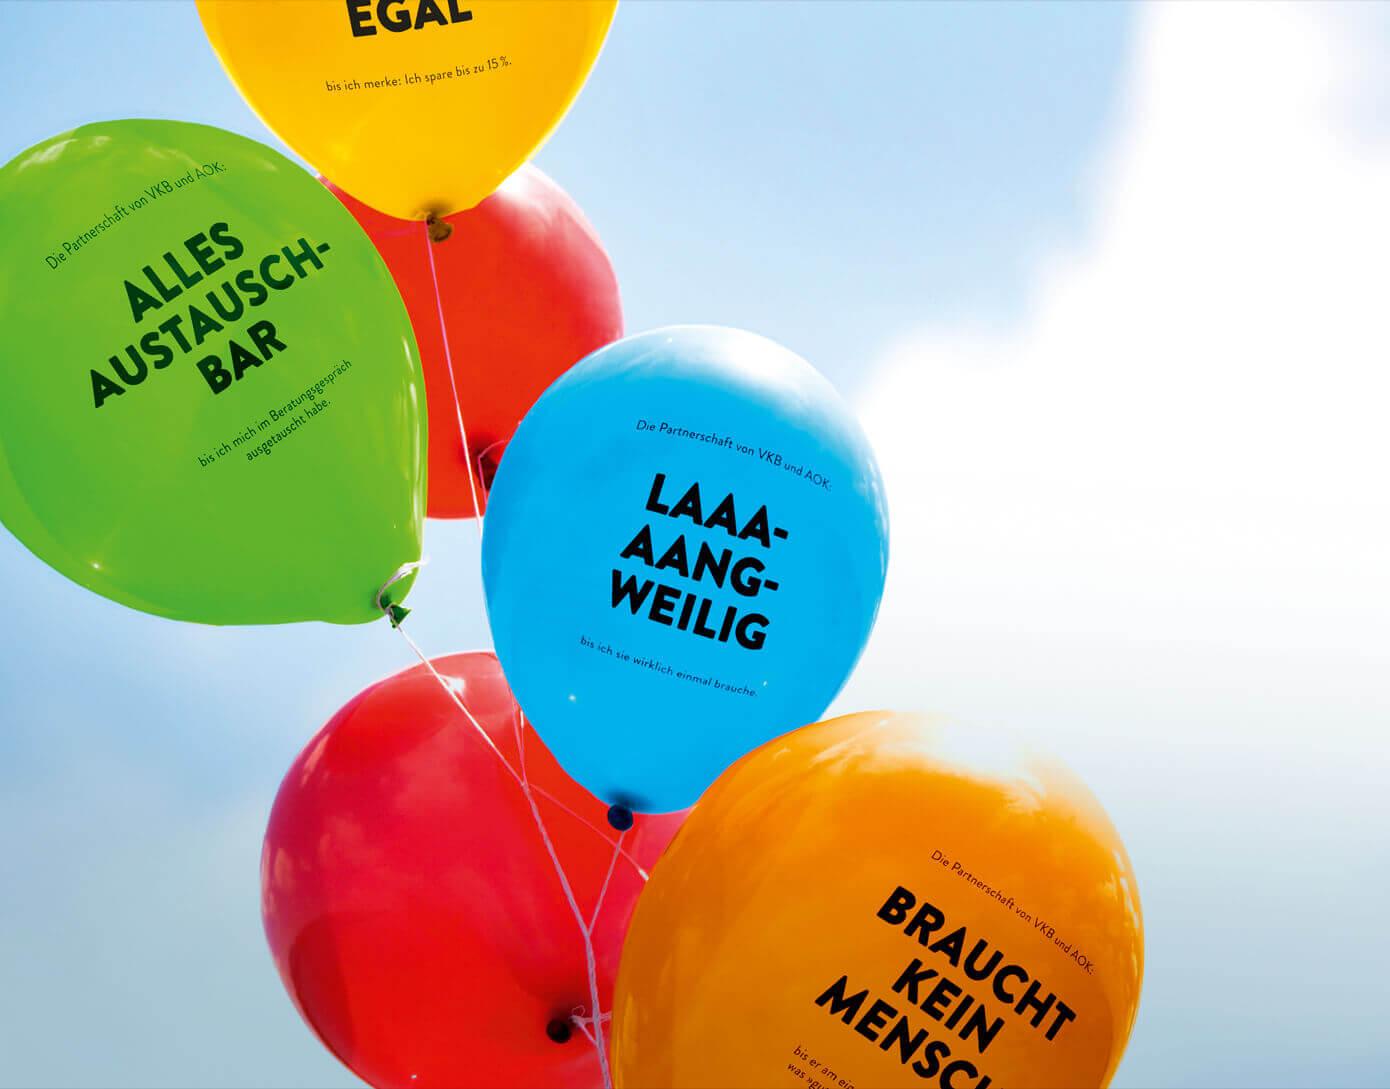 cyclos vkb aok kampagne balloons Marketing Krankenkasse werbeagentur